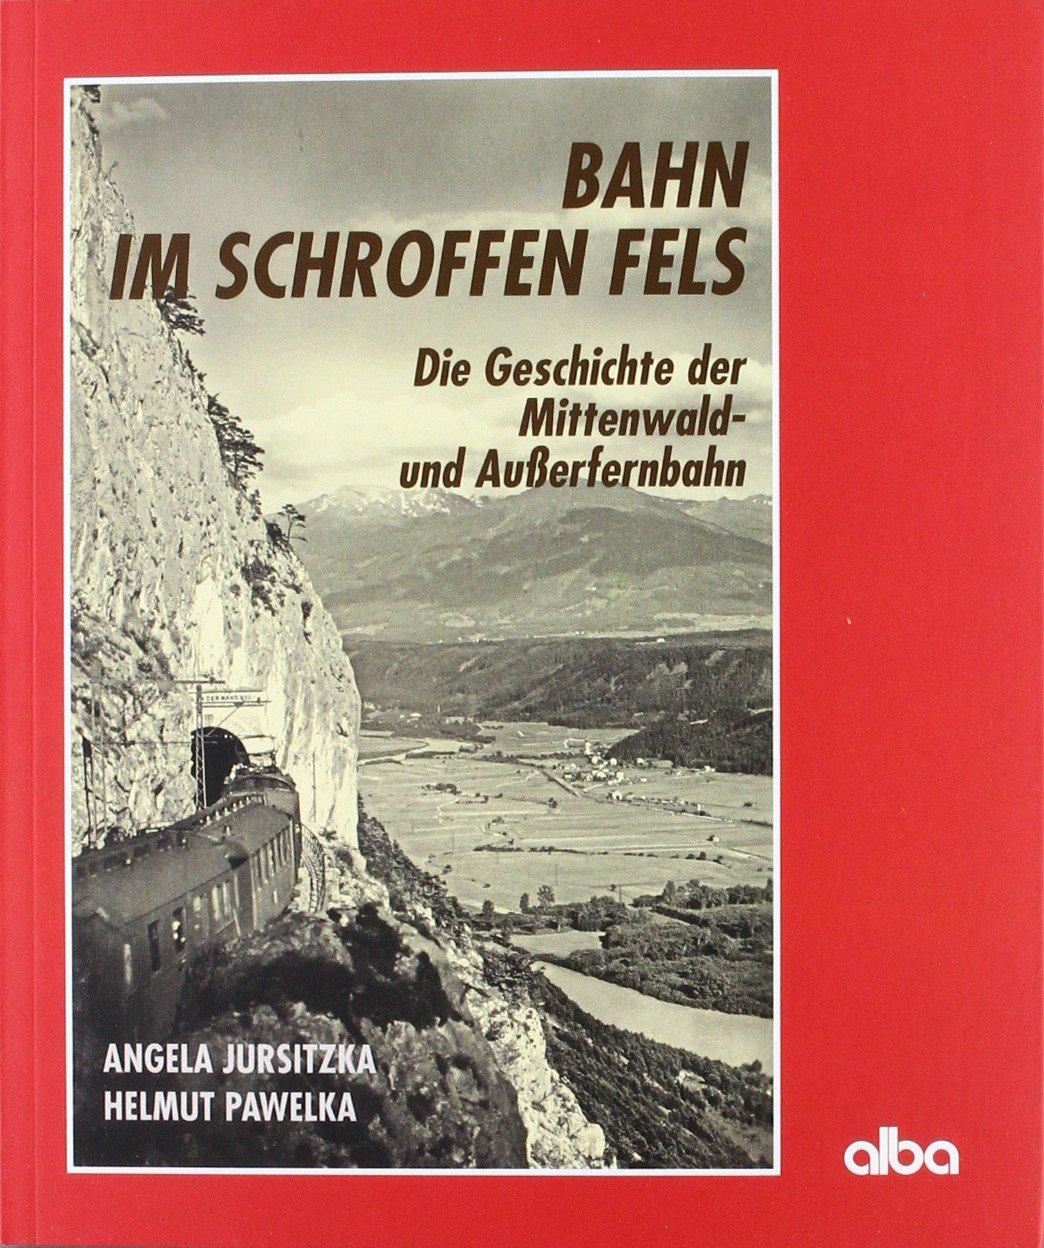 bahn-im-schroffen-fels-die-geschichte-der-mittenwald-und-ausserfernbahn